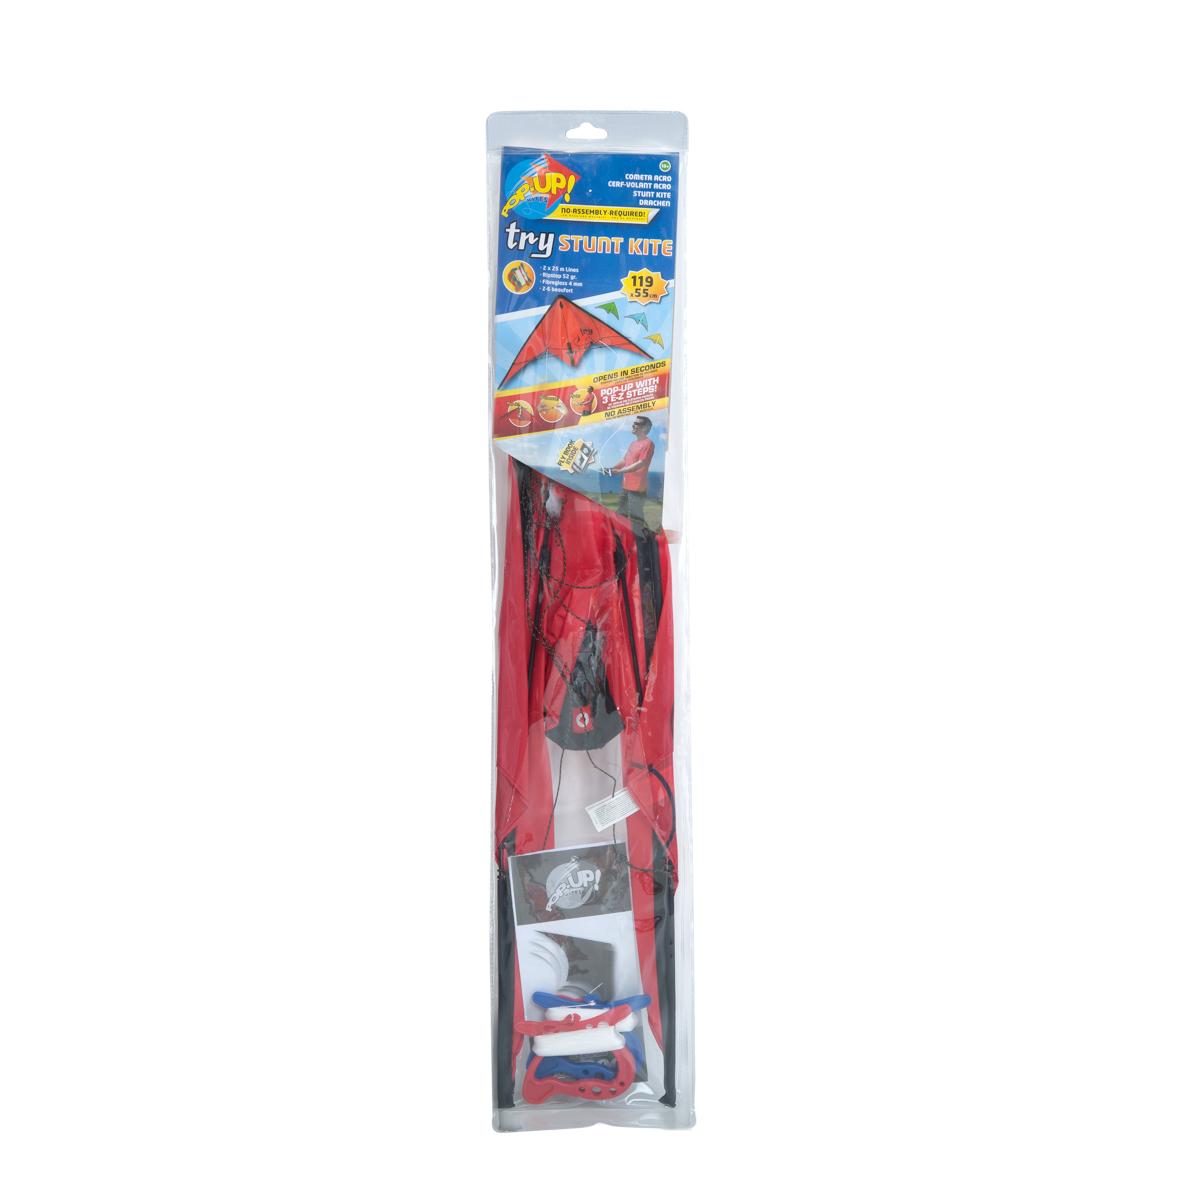 Pop-Up Kites Flygdrake Stuntdrake 119 cm